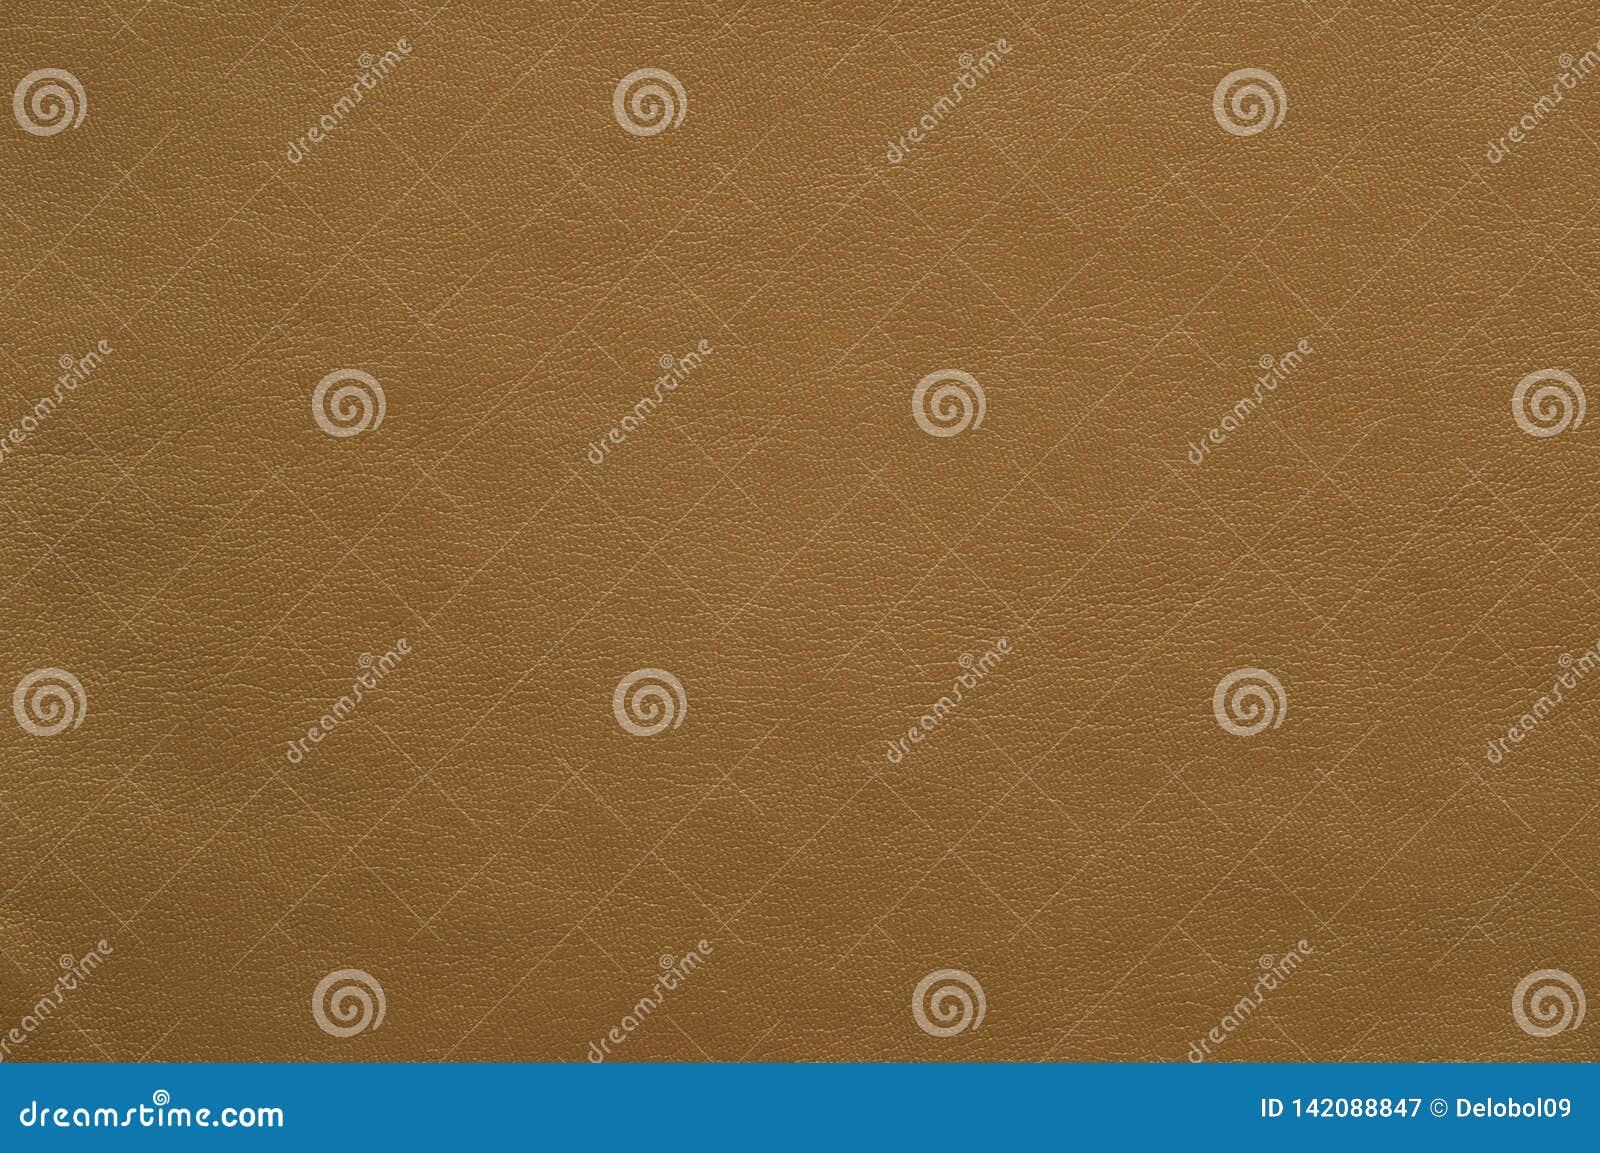 Cuoio colorato marrone chiaro del faux con una struttura fine